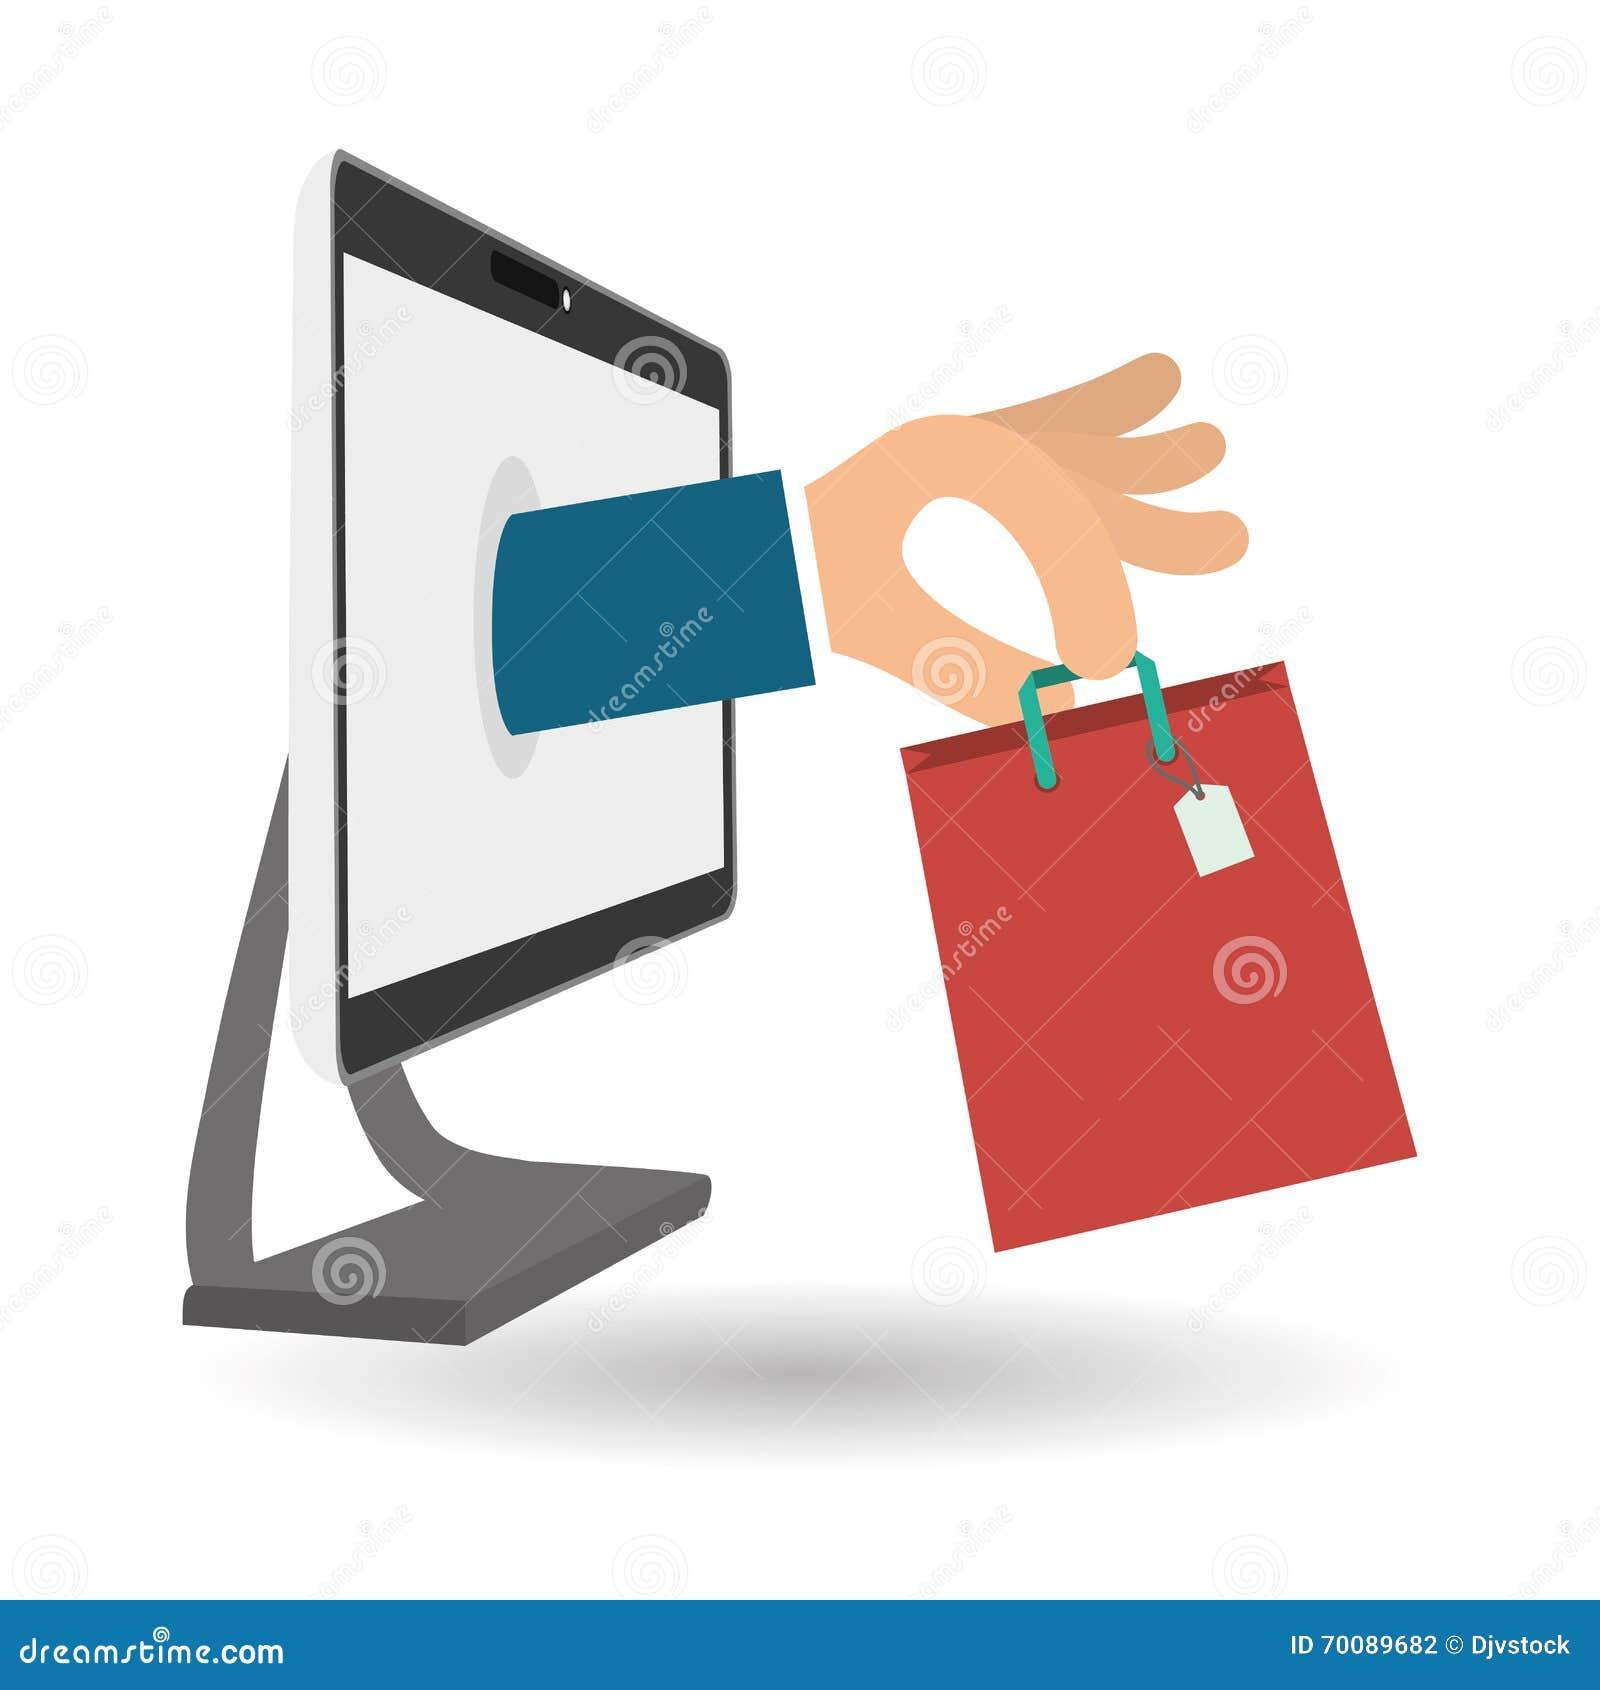 achetez en ligne au dessus du fond blanc main sur l 39 ordinateur d 39 cran illustration de vecteur. Black Bedroom Furniture Sets. Home Design Ideas